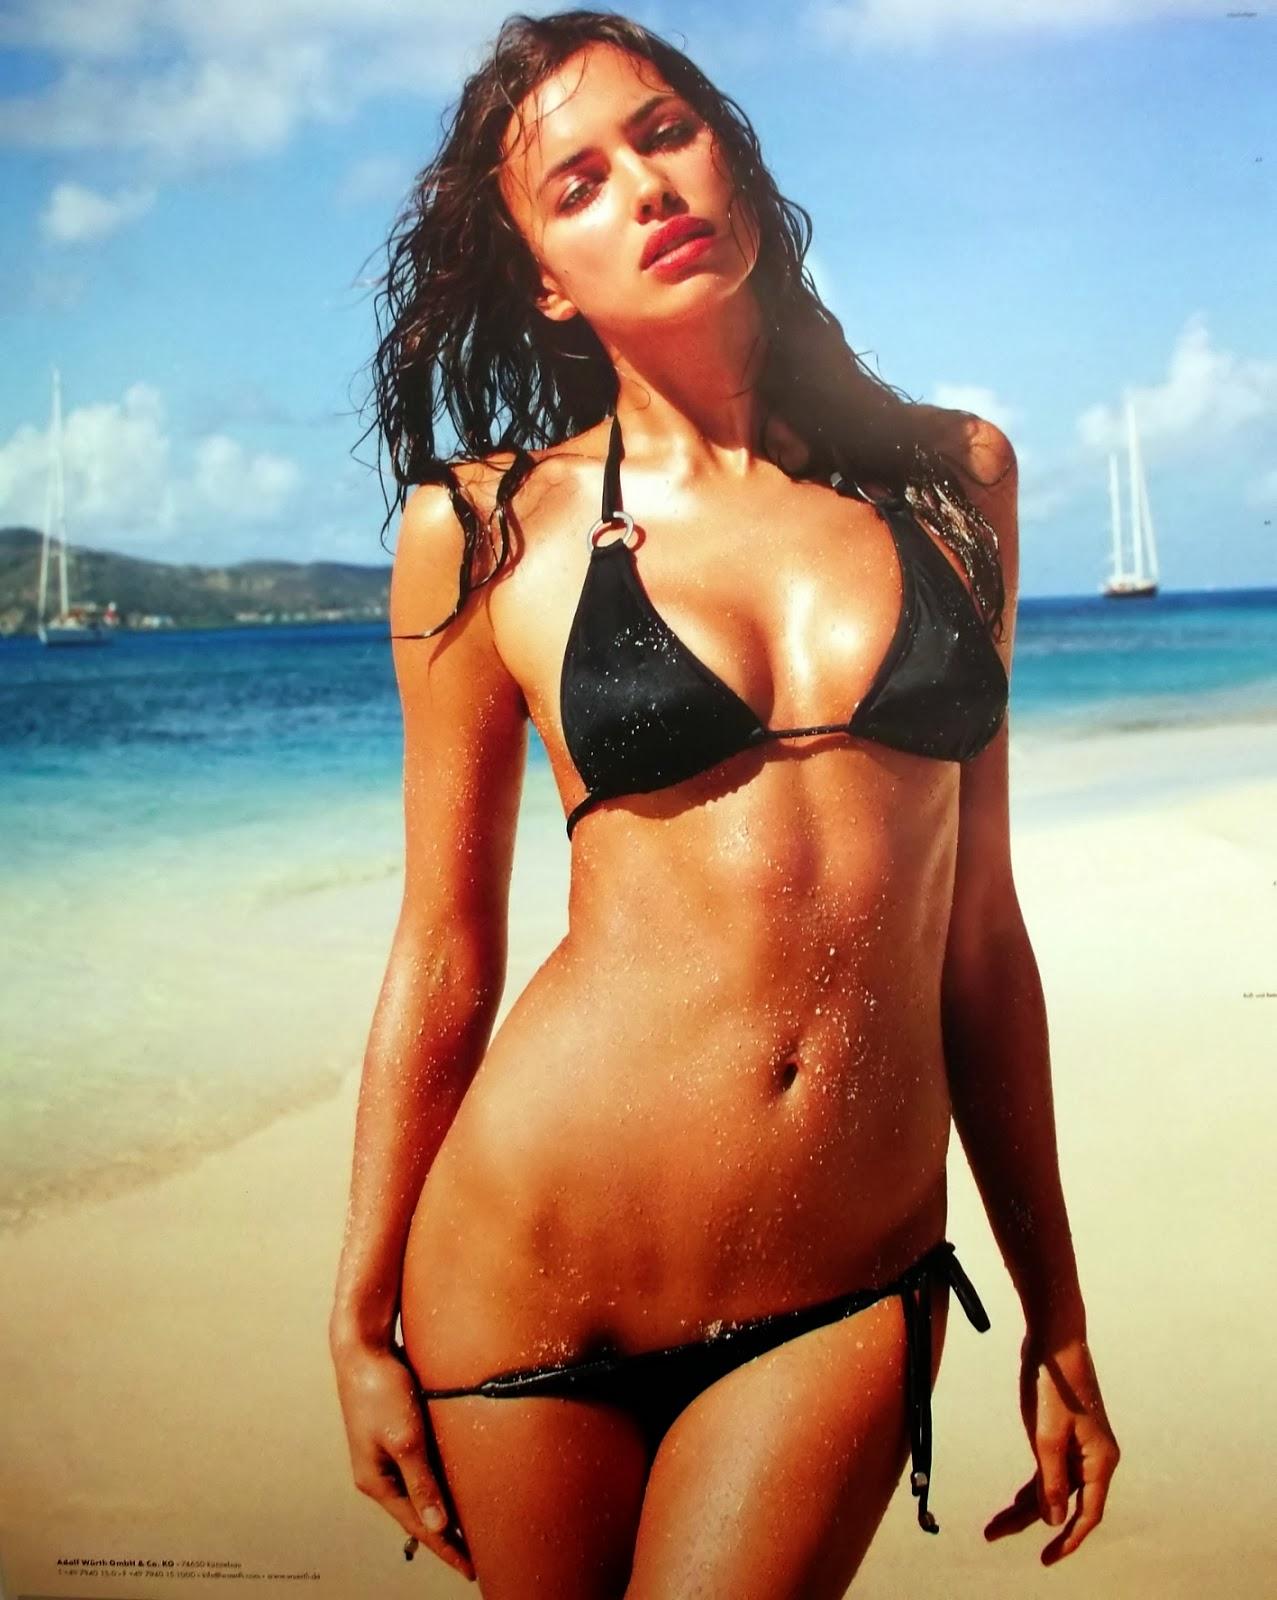 Irina Shayk Wrth Calendar 2013 Magazine Photoshoot